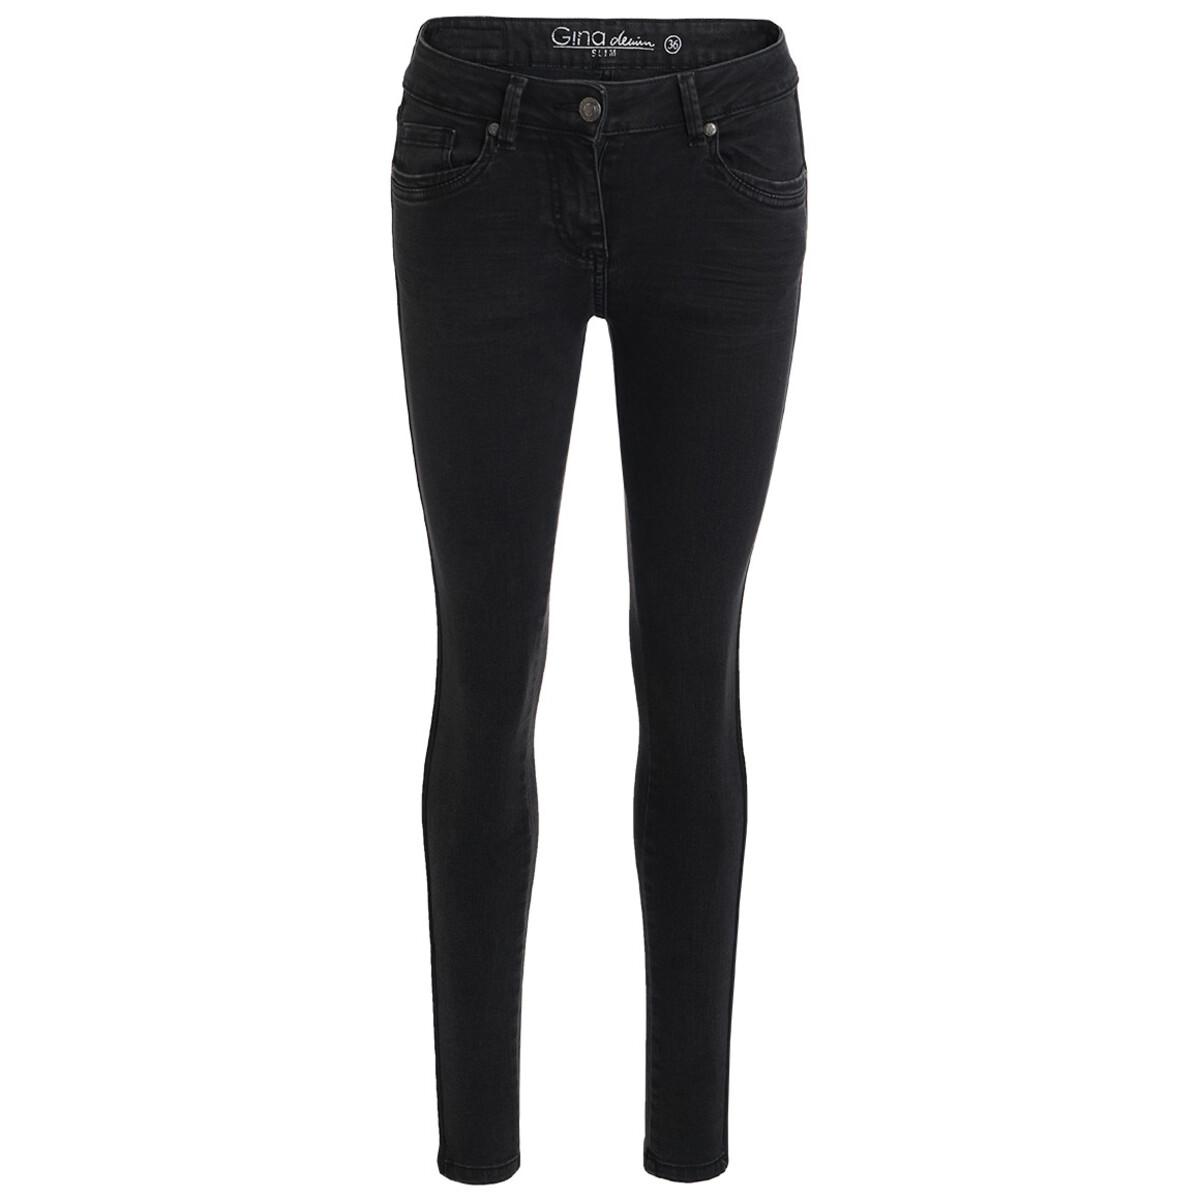 Bild 1 von Damen Superflexible-Jeans im 5-Pocket-Style